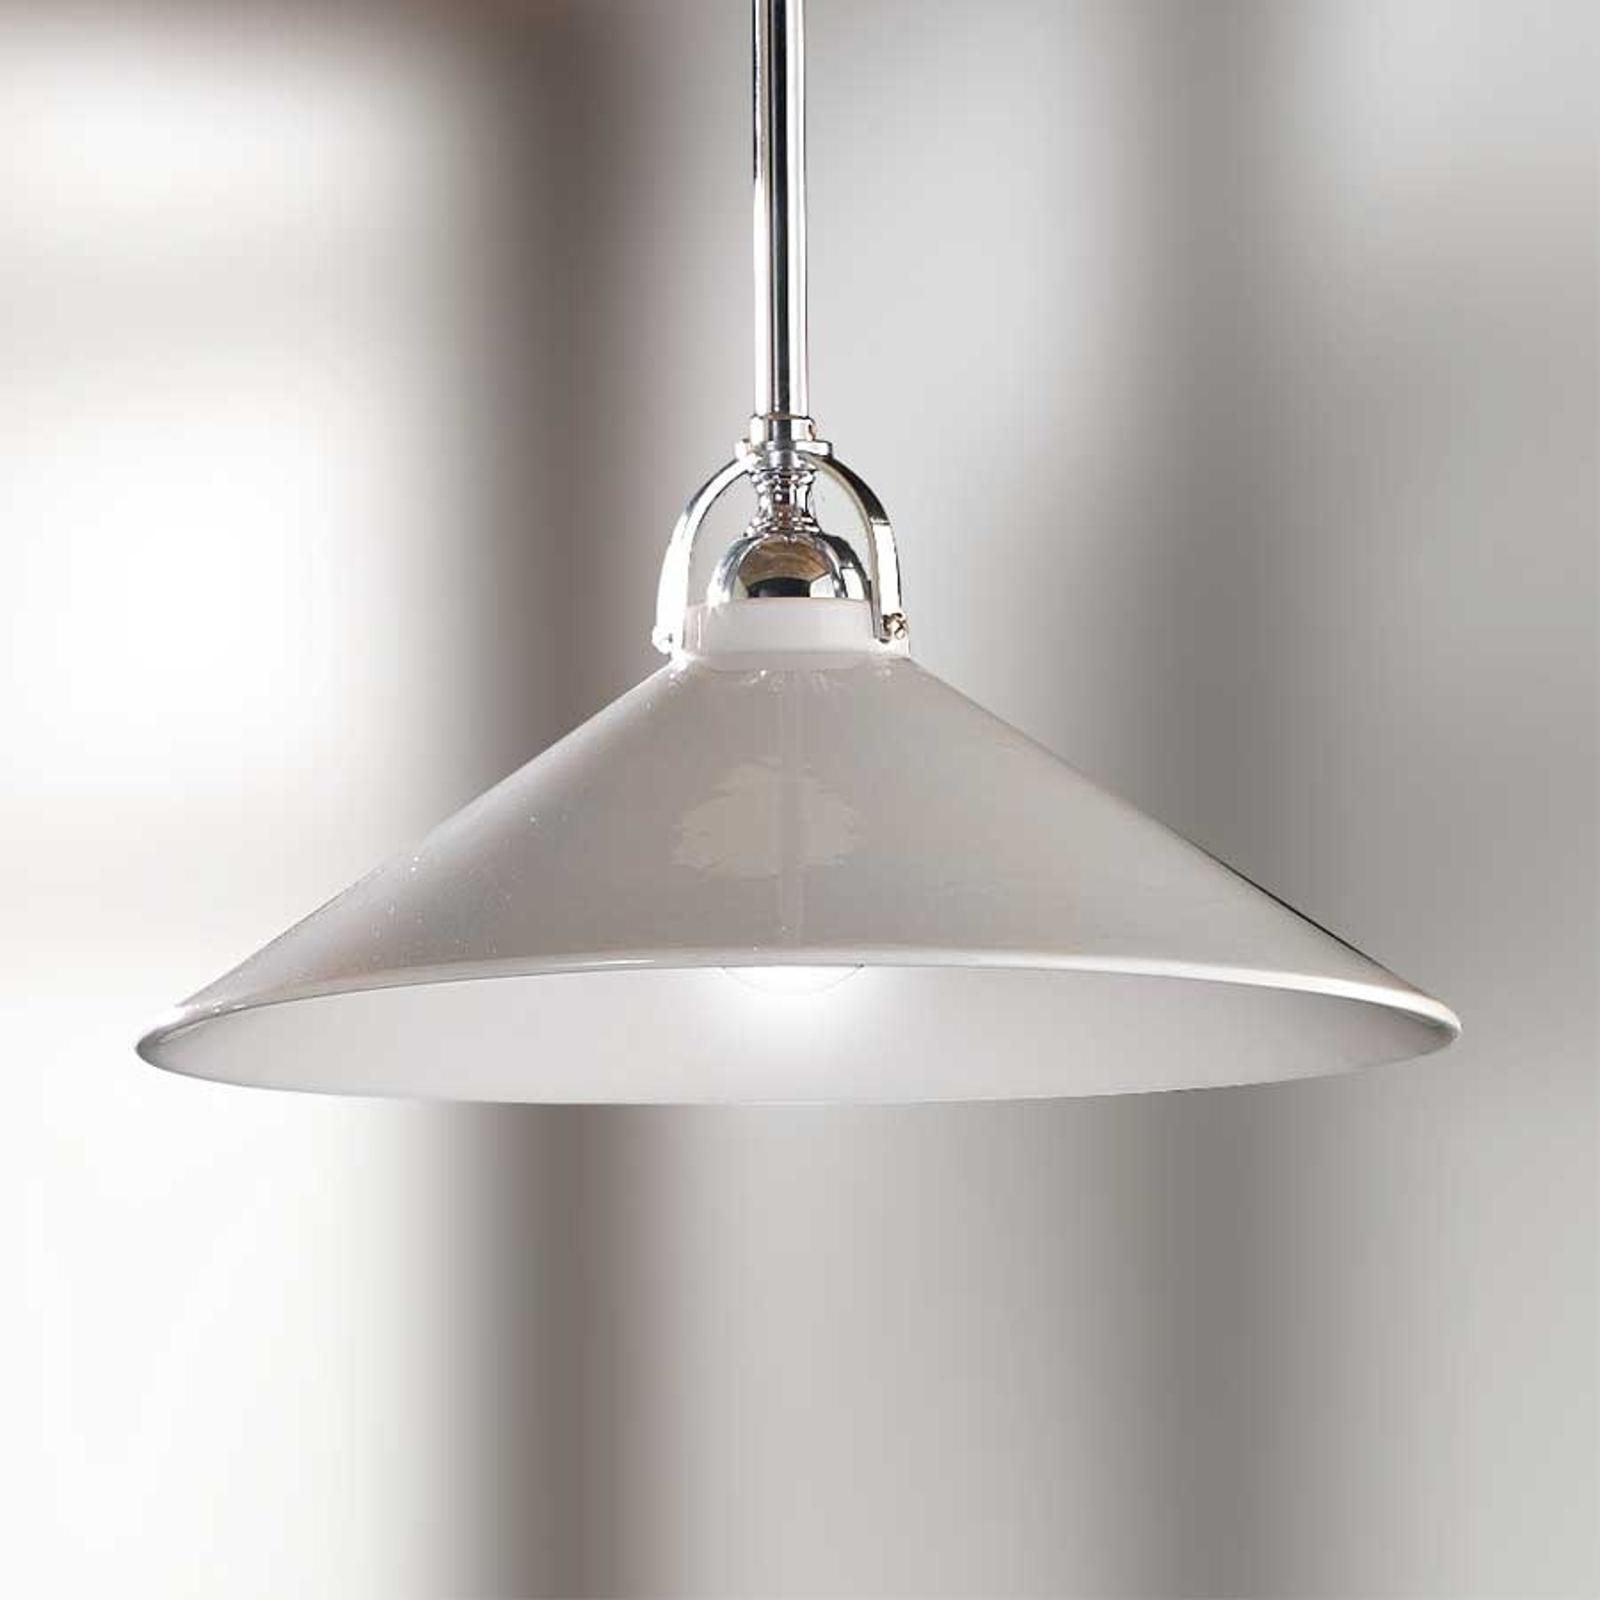 Biela závesná lampa GIACOMO s keramickým tienidlom_2013094_1